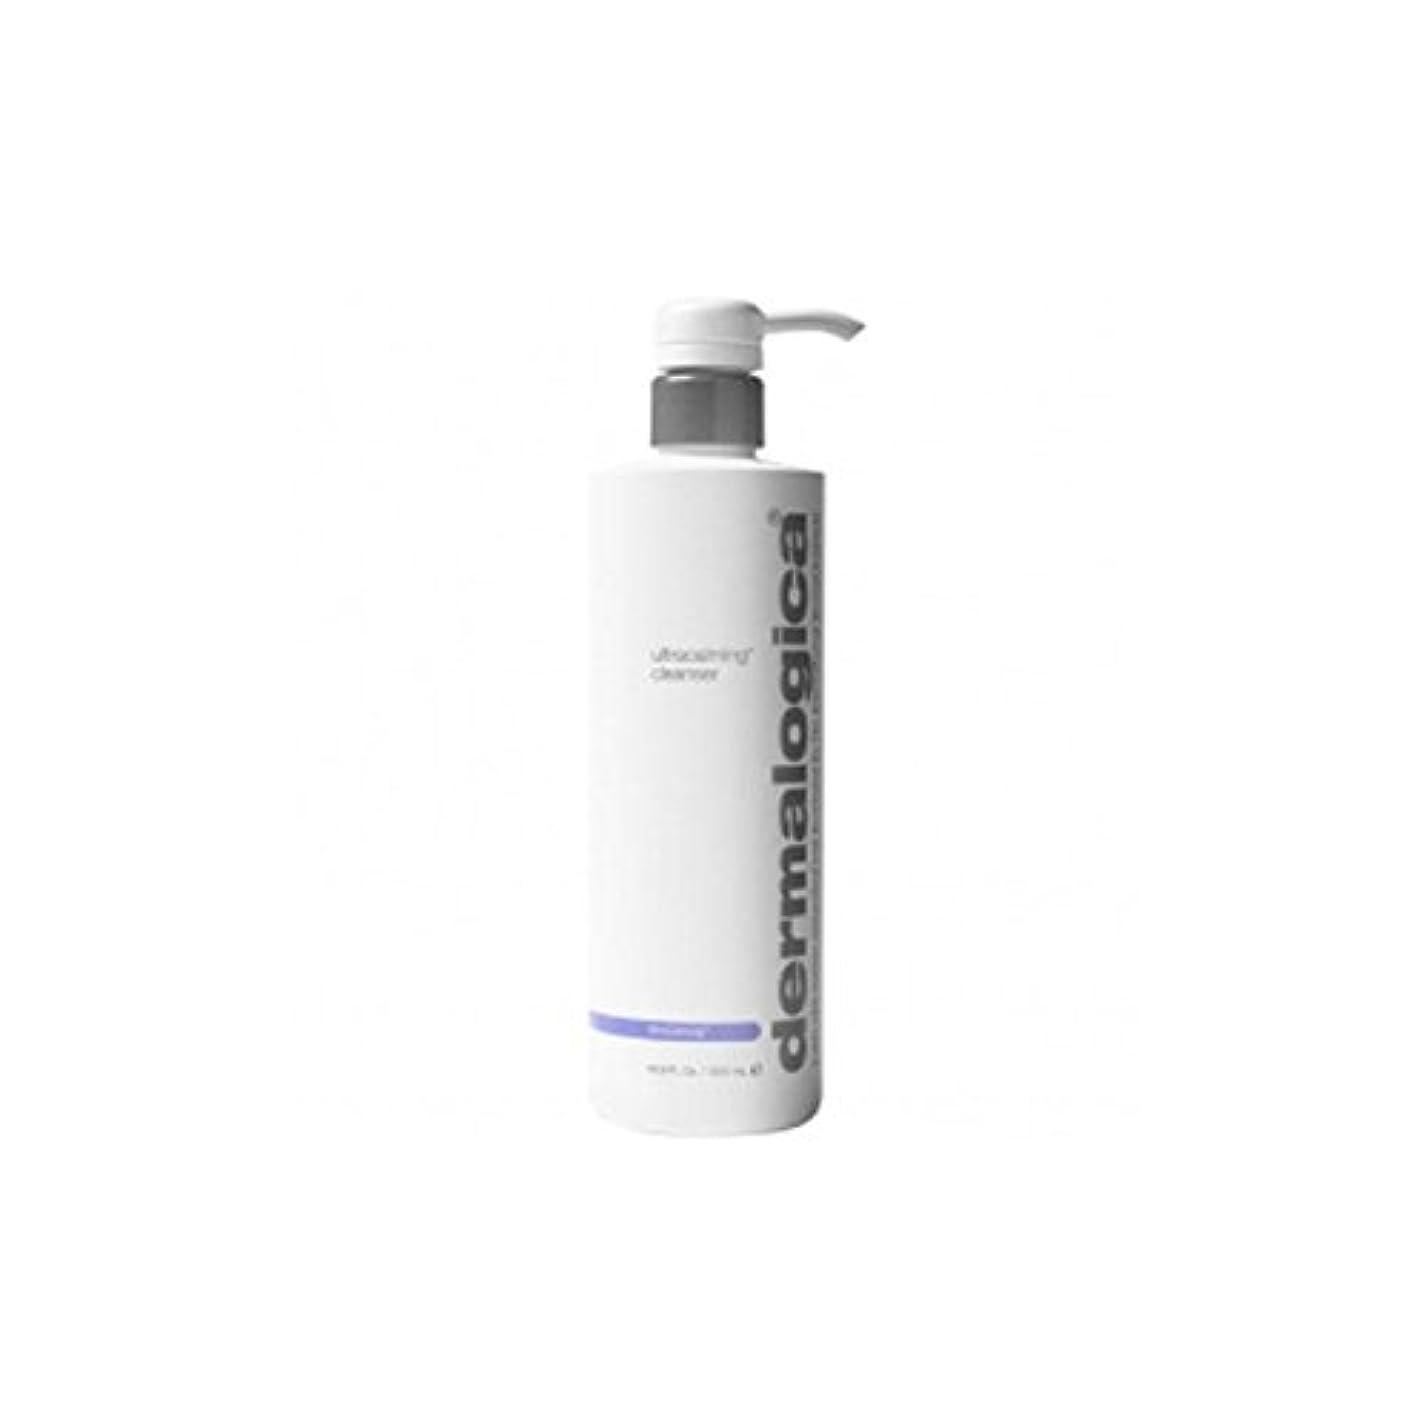 忠実なオート冷ややかなDermalogica Ultracalming Cleanser (500ml) (Pack of 6) - ダーマロジカクレンザー(500ミリリットル) x6 [並行輸入品]